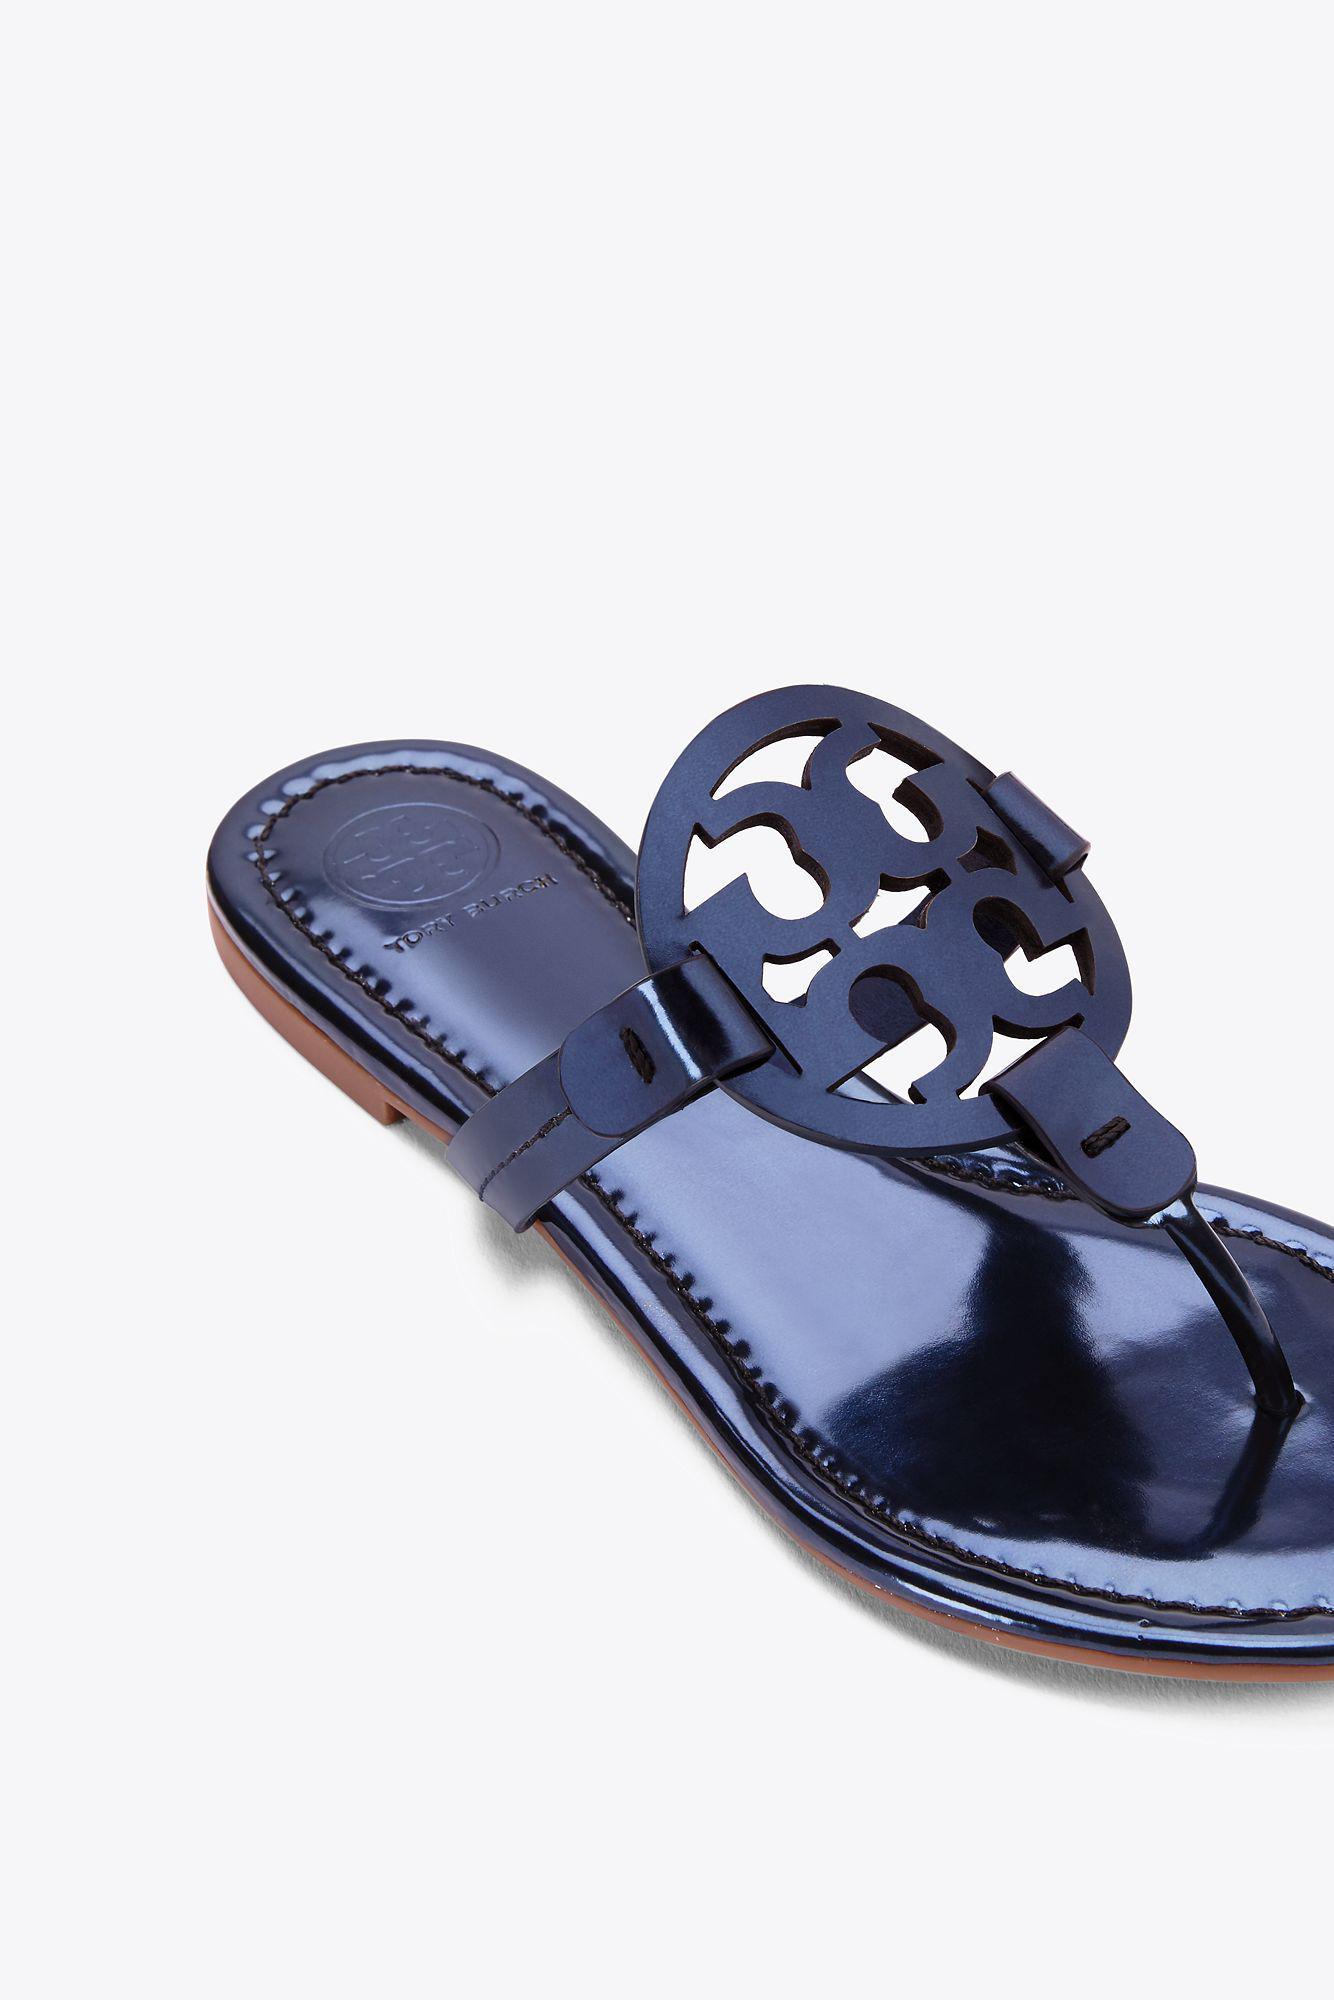 f6f4056dcd4d8a Lyst - Tory Burch Miller Sandal